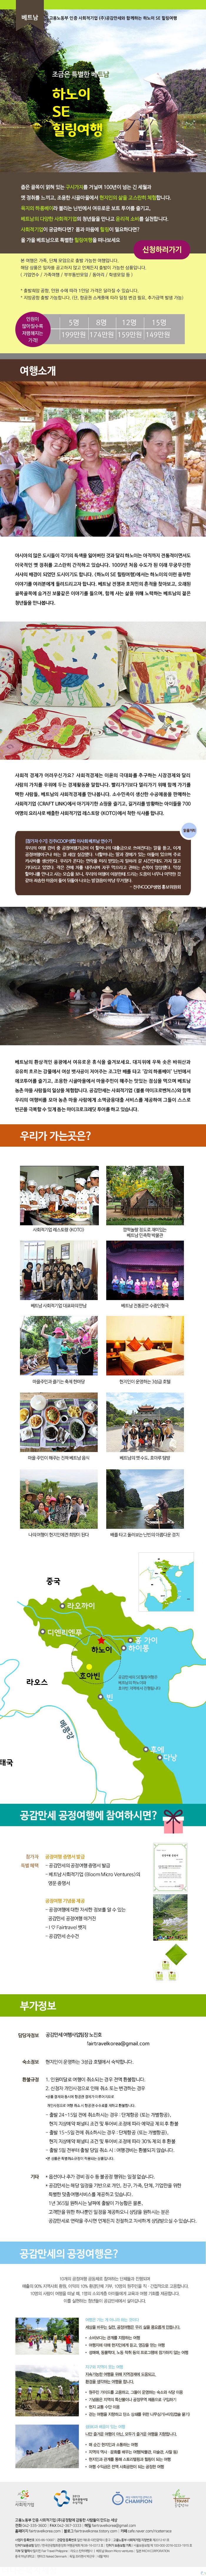 [공감만세] 베트남 하노이 힐링여행